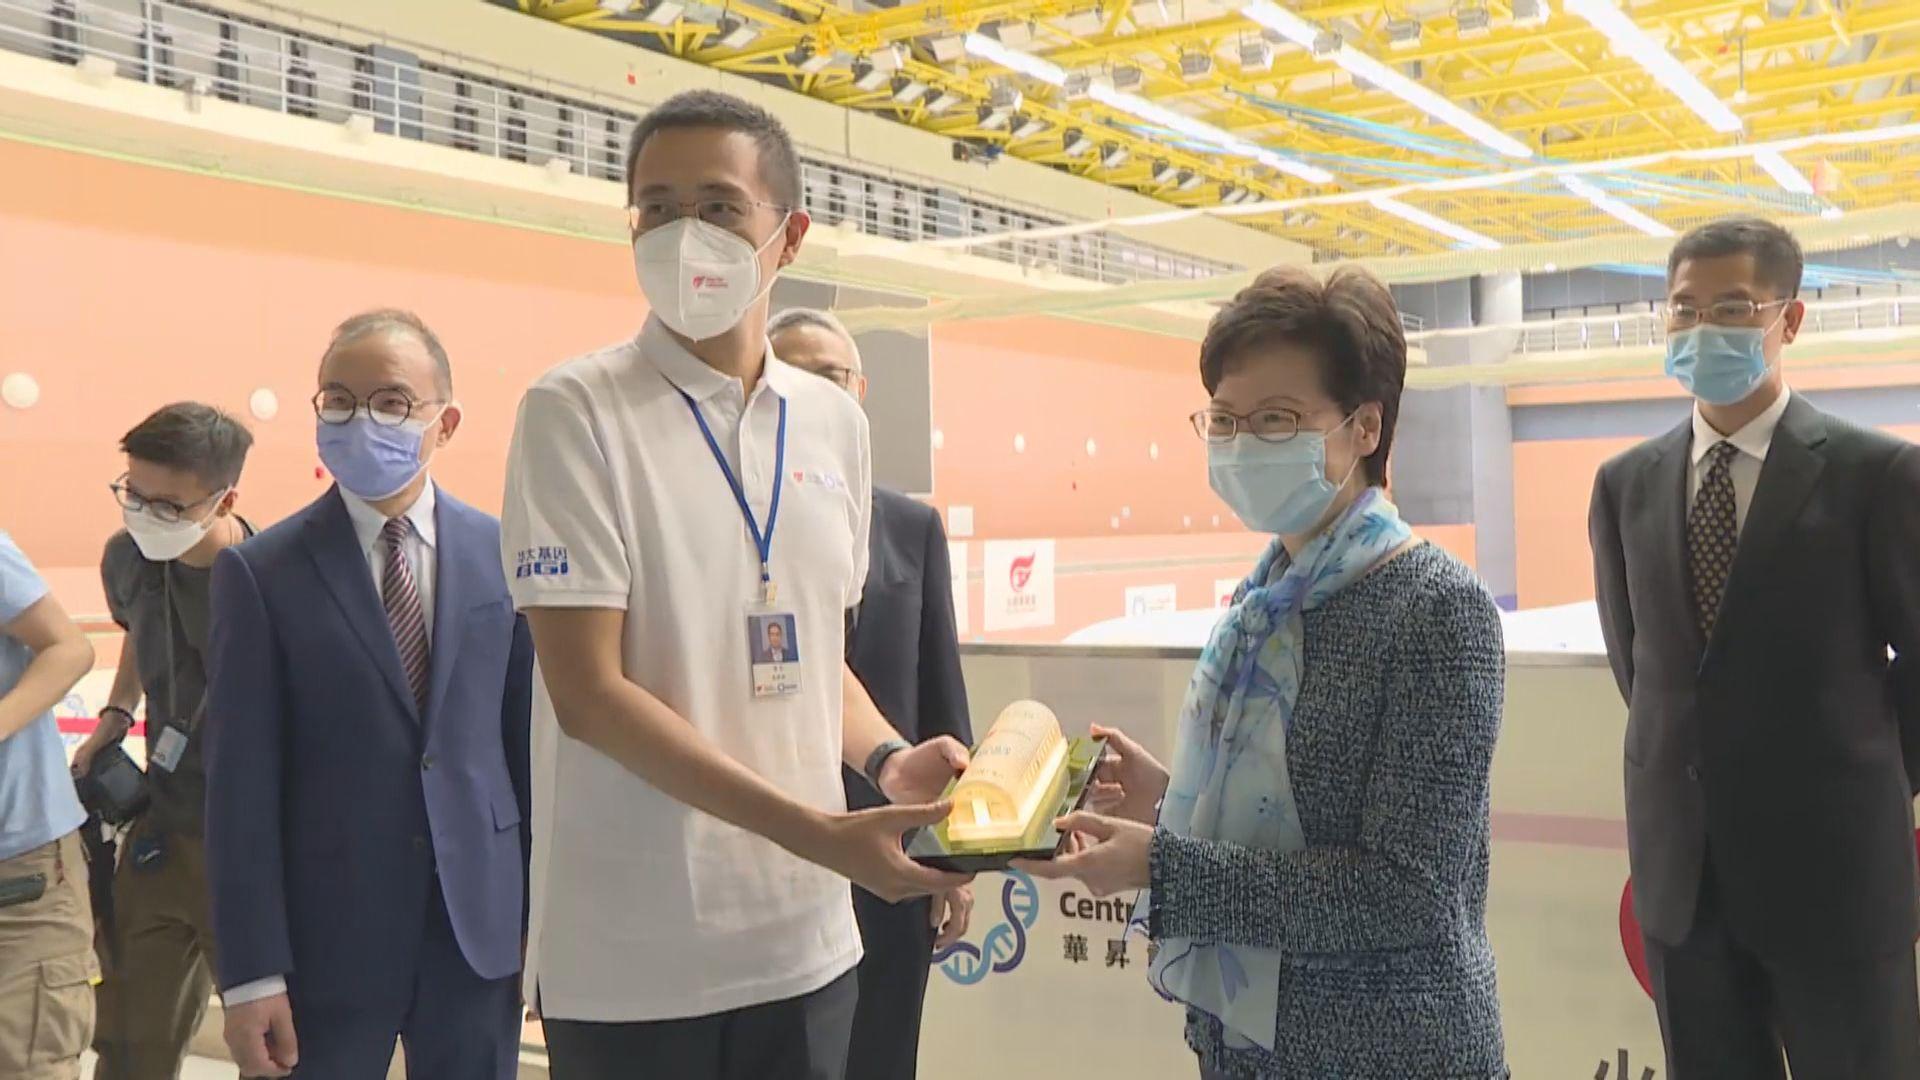 林鄭出席內地核酸支援隊抵港歡迎儀式